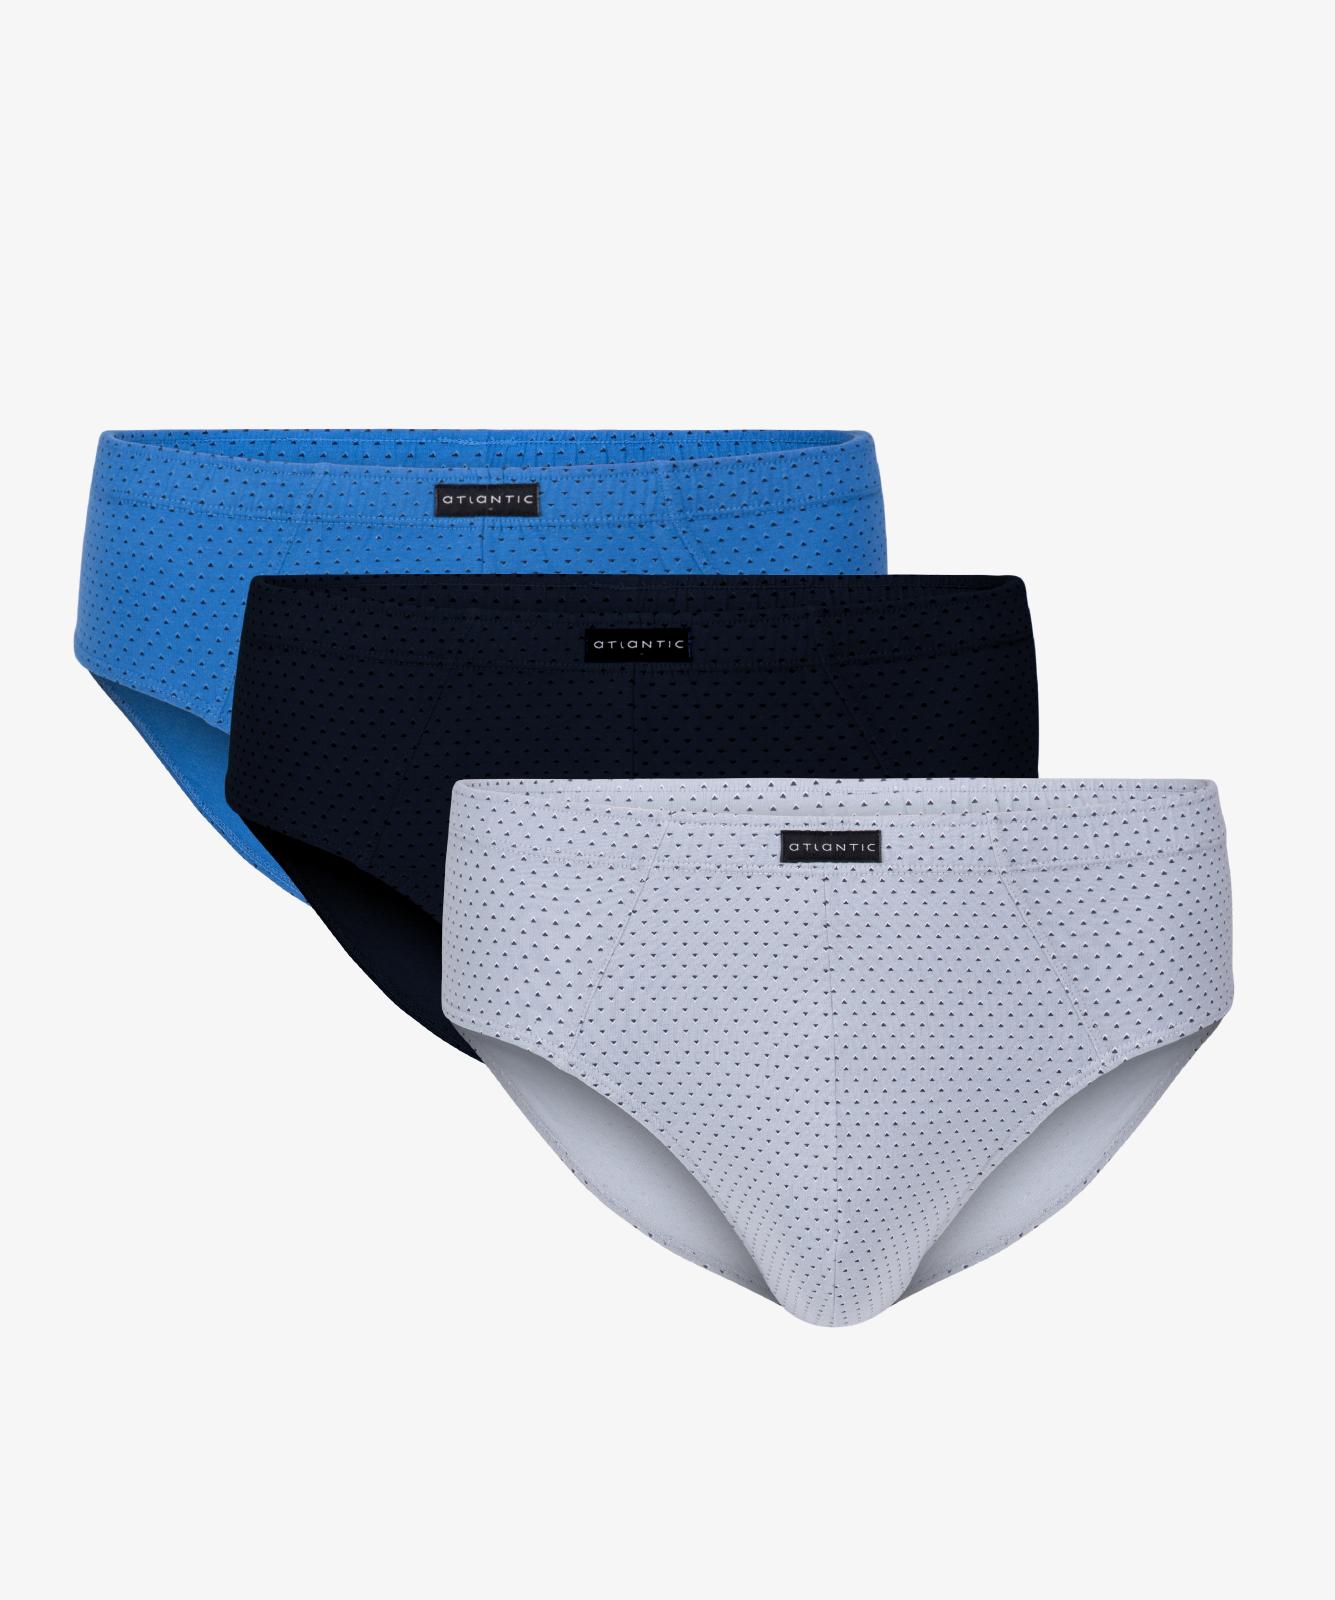 Мужские трусы слипы классика Atlantic, набор 3 шт., хлопок, голубые + темно-синие + серые, 3MP-091